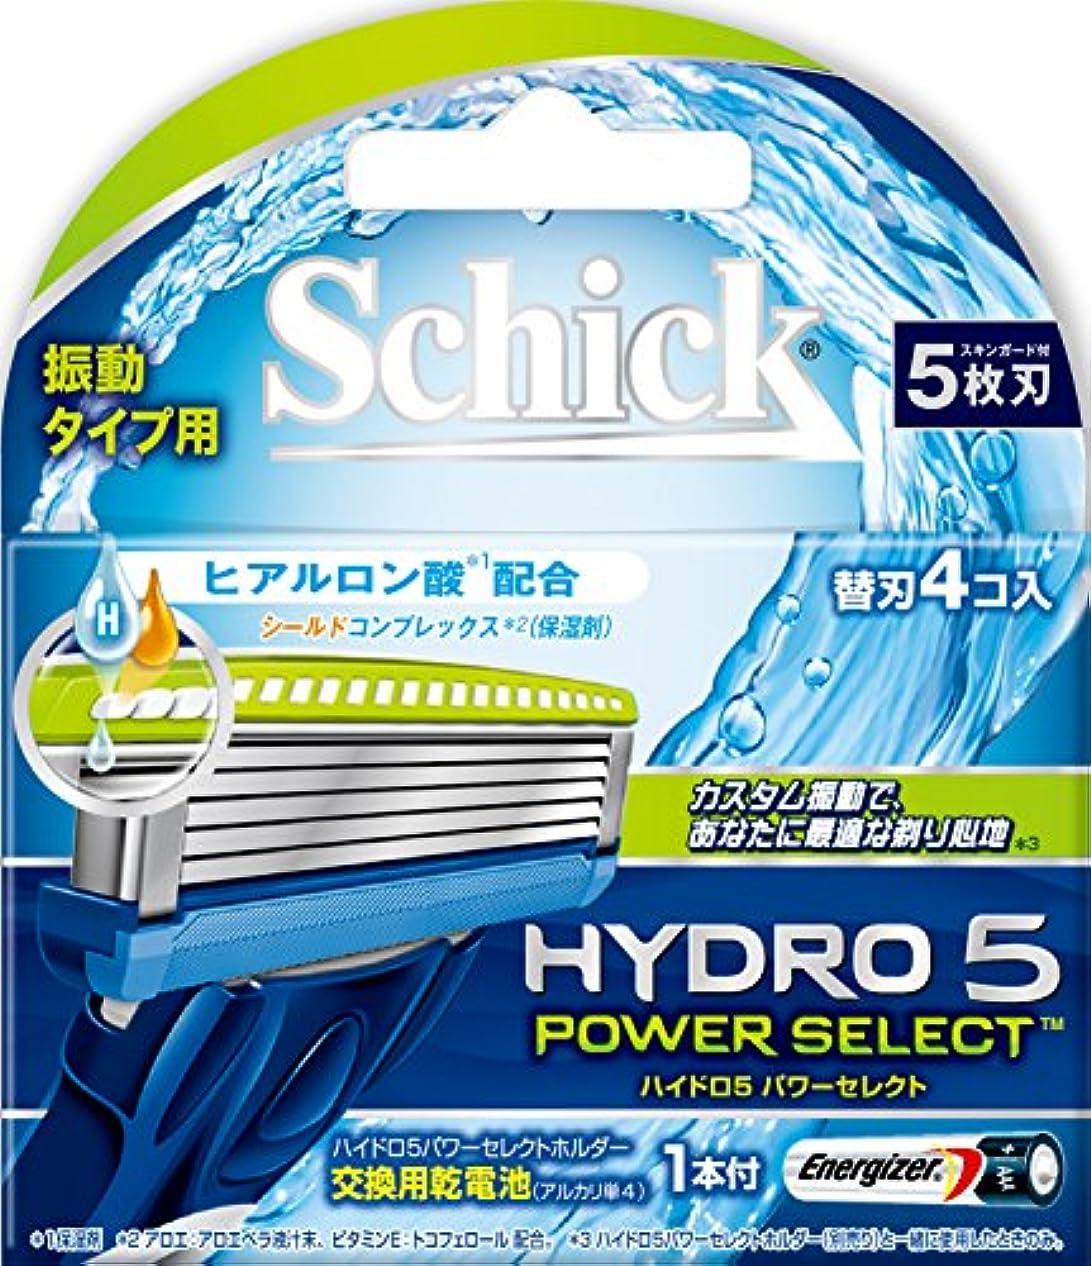 シック ハイドロ5 パワーセレクト 替刃 4コ入